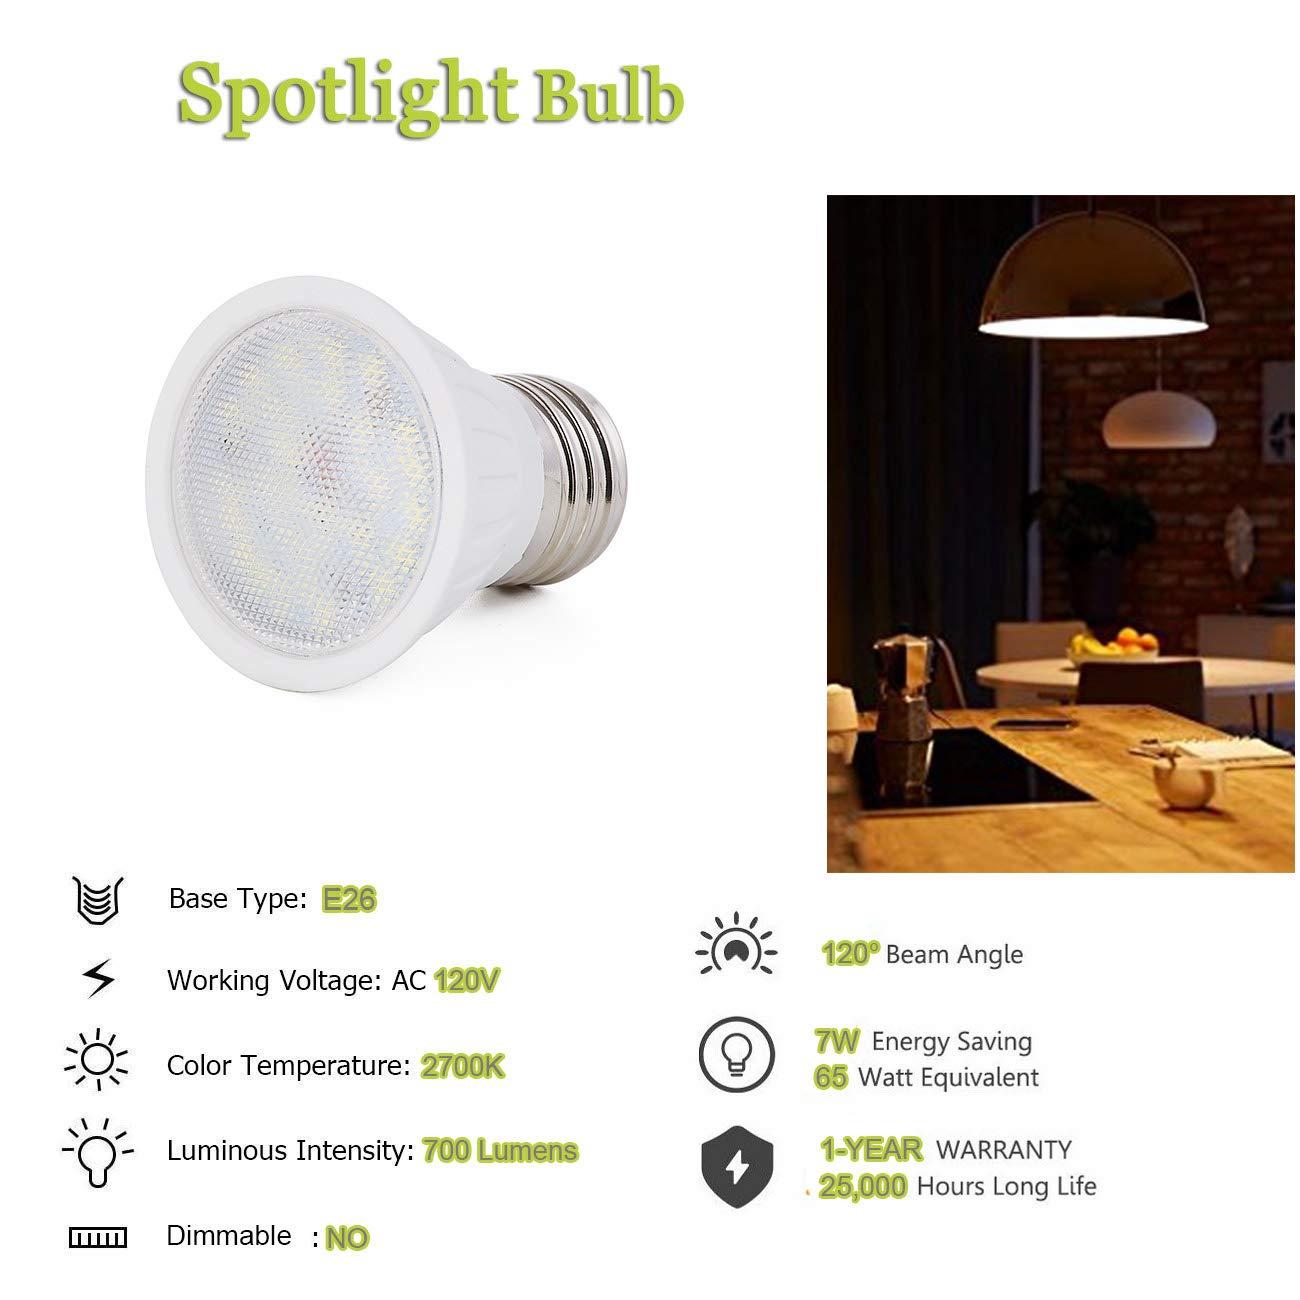 ,E26 Medium Base,700 Lumen,120 Degree Beam Angle,120 Volt,CRI 85+ Small Flood Light Bulbs Indoor 6 Pack 65W Halogen Equivalent Spotlight Bulb PAR16 LED Bulb Daylight White 5000K Non-Dimmable,7W